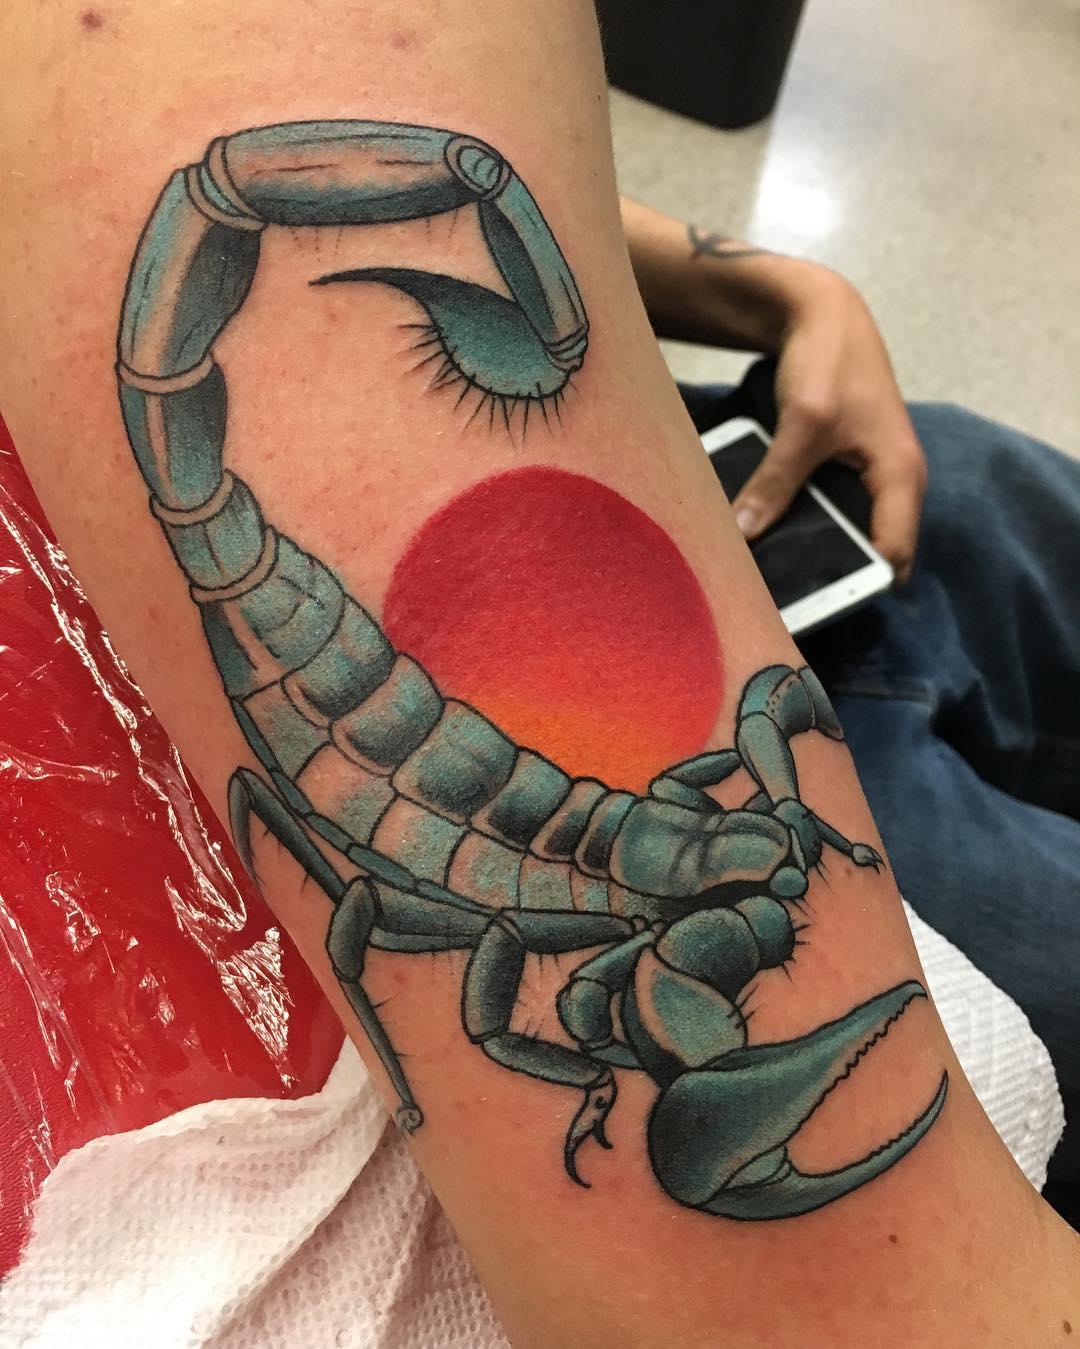 Фото скорпиона на тату